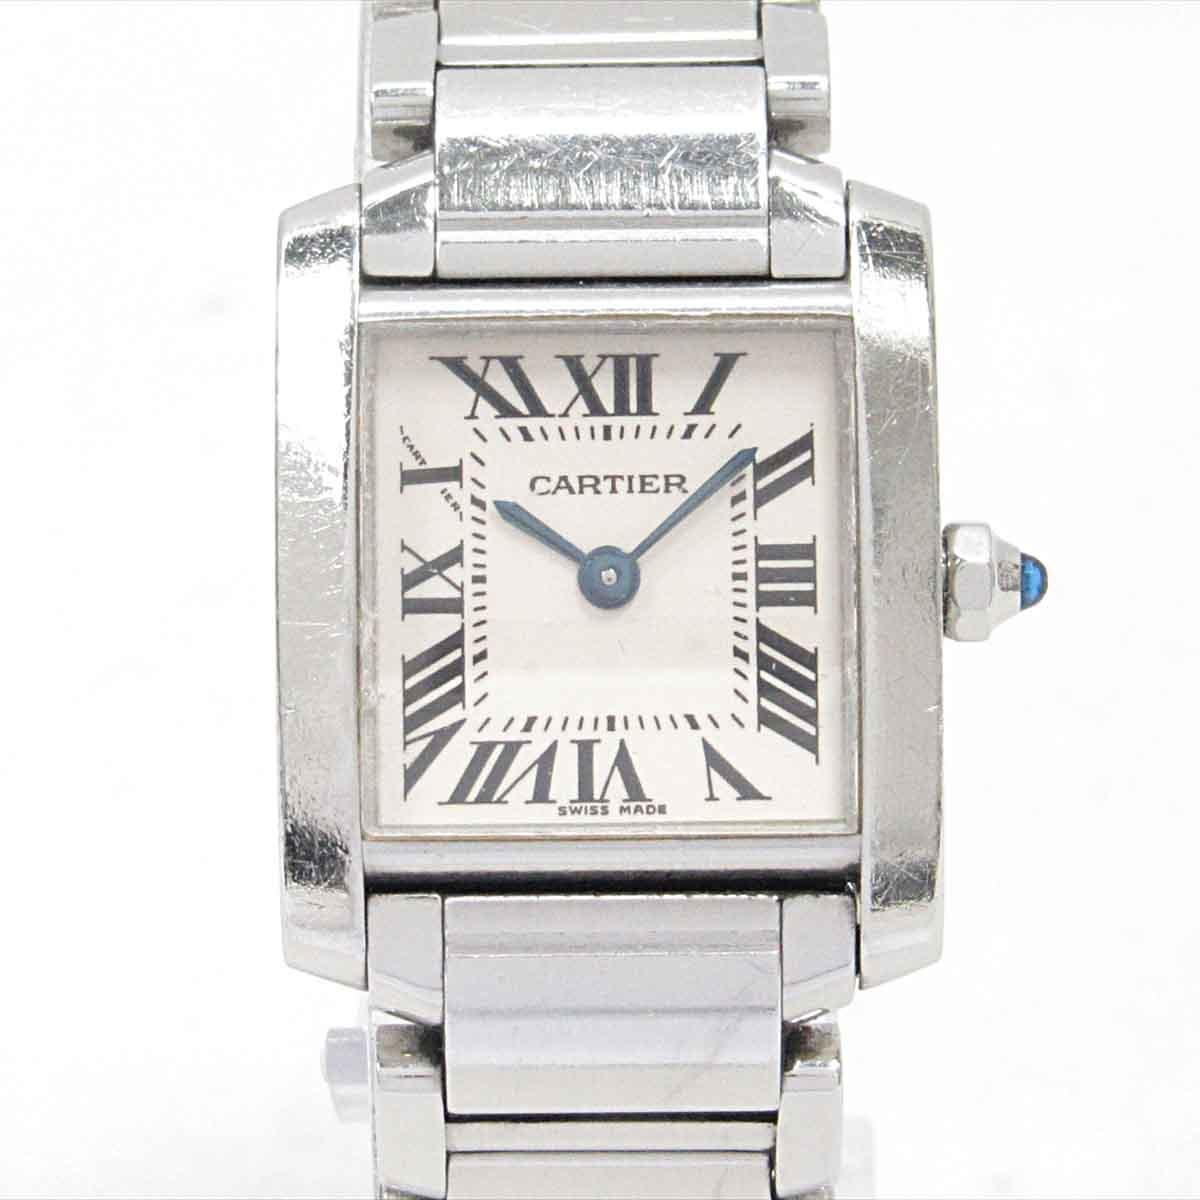 タンクフランセーズSM 腕時計/レディース/人気/SALE/お買得品